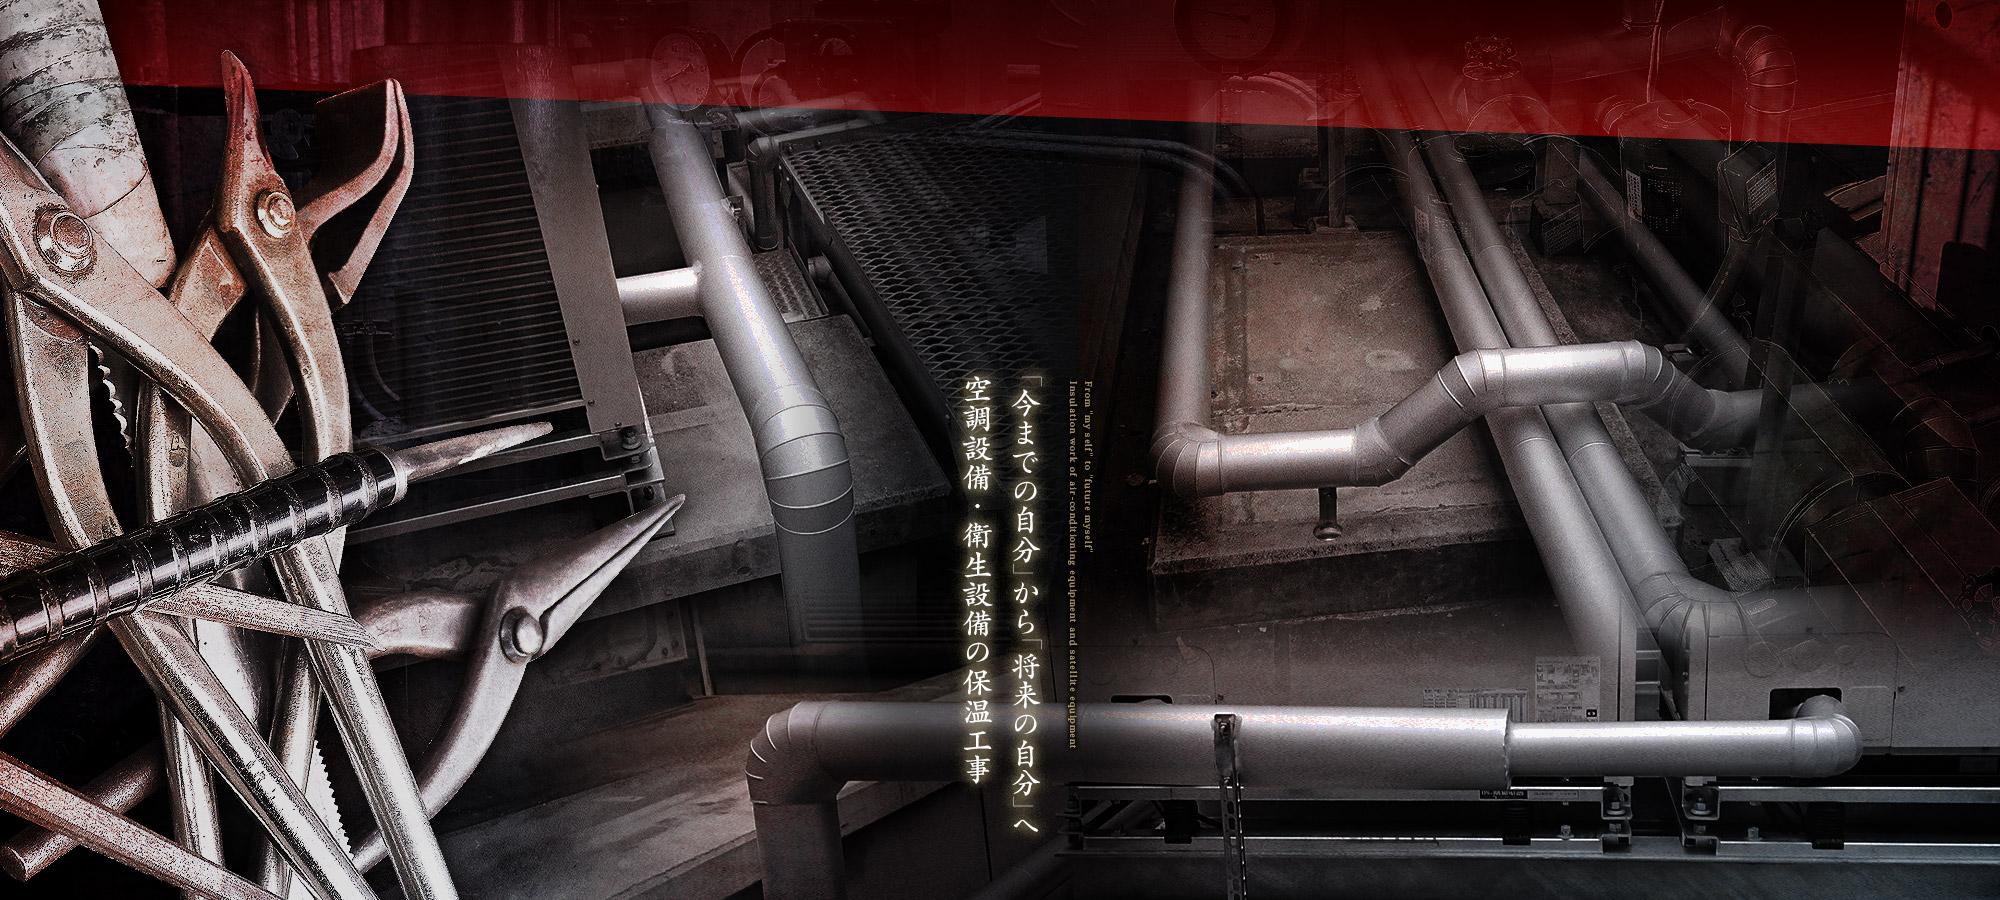 「今までの自分」から「将来の自分」へ 空調設備・衛生設備の保温工事